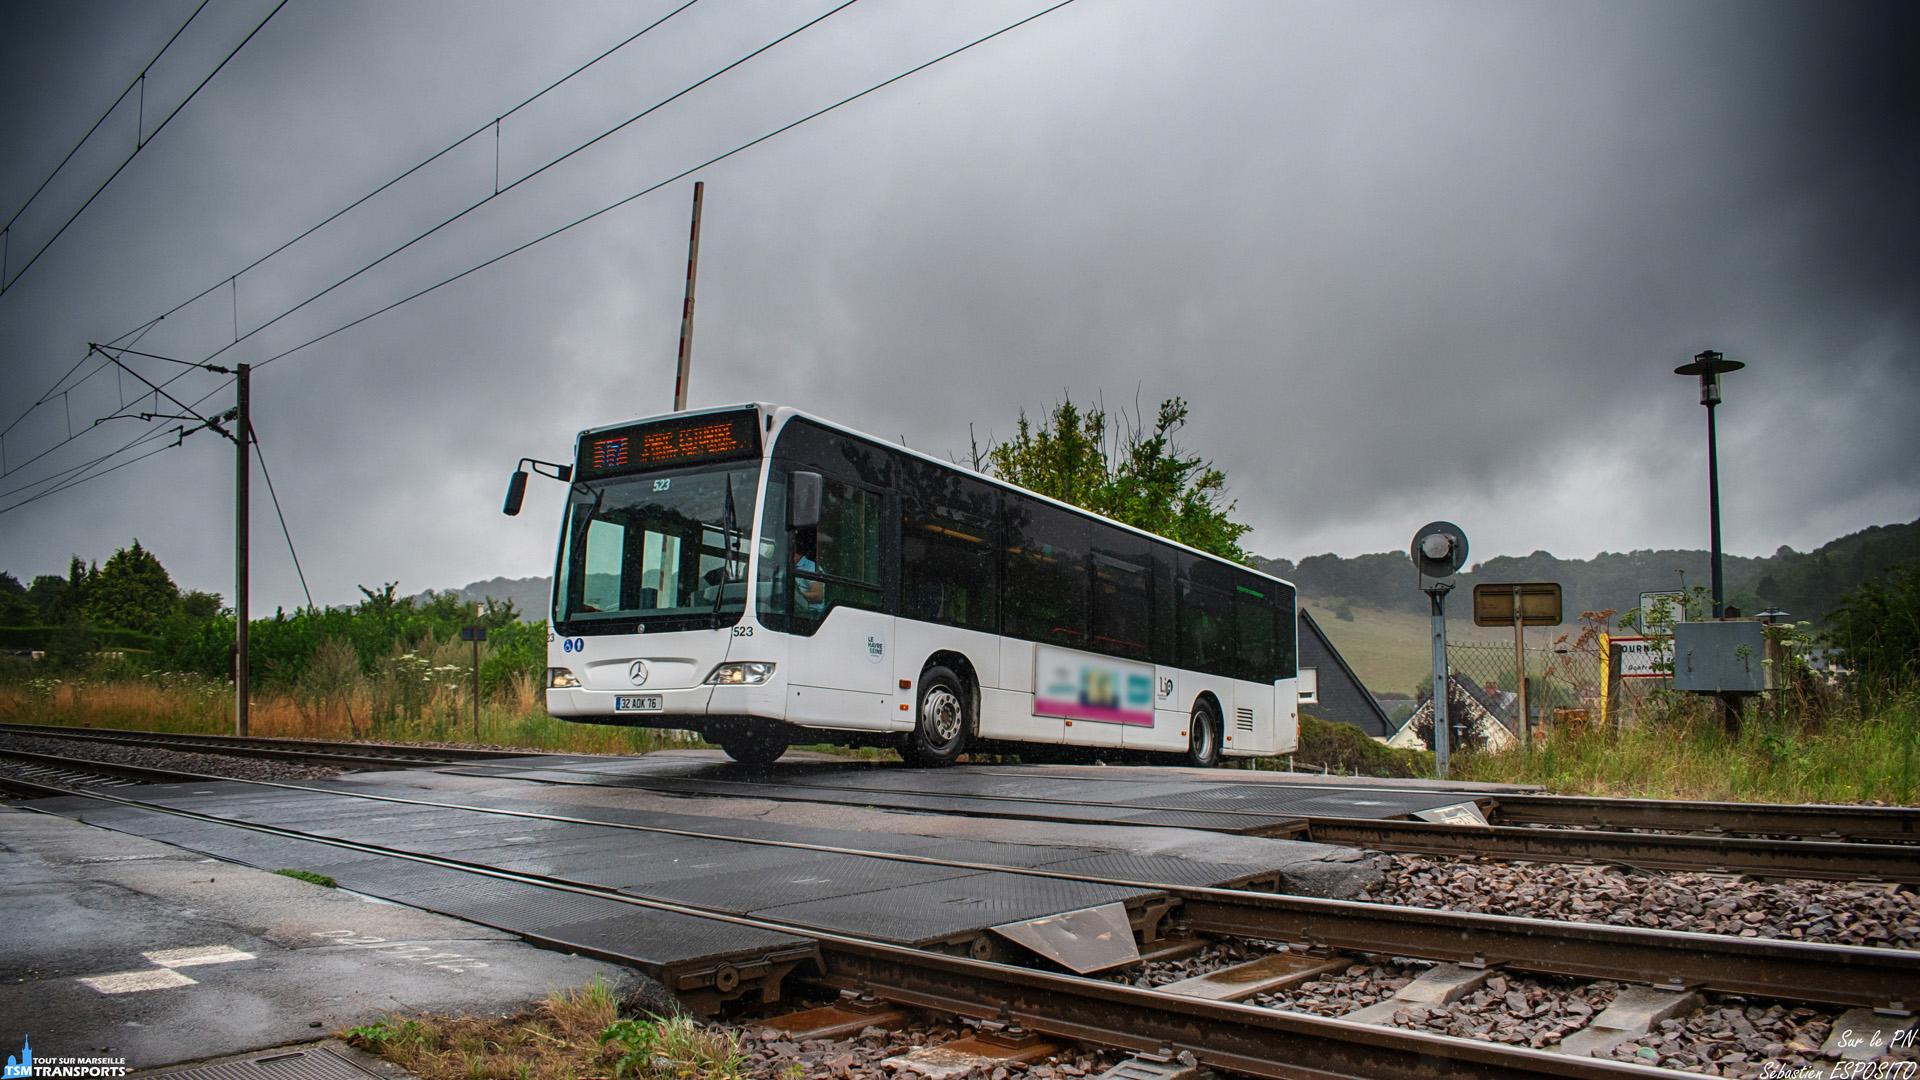 Sous une légère pluie Normande, ce Citaro franchi le PN 69 de la ligne Paris Saint Lazare - Le Havre à faible allure pour après répartir sur les chapeaux de roues afin de grimper la rampe juste après le PN. . La ligne 17 franchie le PN seulement dans un seul sens afin de ne pas se croiser à cet endroit, il faut donc un peu marché afin de repartir dans l'autre sens. . ℹ️ Mercedes Benz Citaro Facelift n°523 Lia. . 📍 PN 69, Route de Gournay, 76700 Gonfreville-l'Orcher, France . . ↔️ 17 : Caucriauville - GONFREVILLE L'ORCHER Parc de l'Estuaire. . 🛤️ Paris Saint Lazare - Le Havre. . 📸 Nikon D5600. . 📷 Nikkor 18-55mm. . 📅 5 Août 2019 à 17:52. . 👨 Sébastien ESPOSITO en spot avec @killian_chapelle .